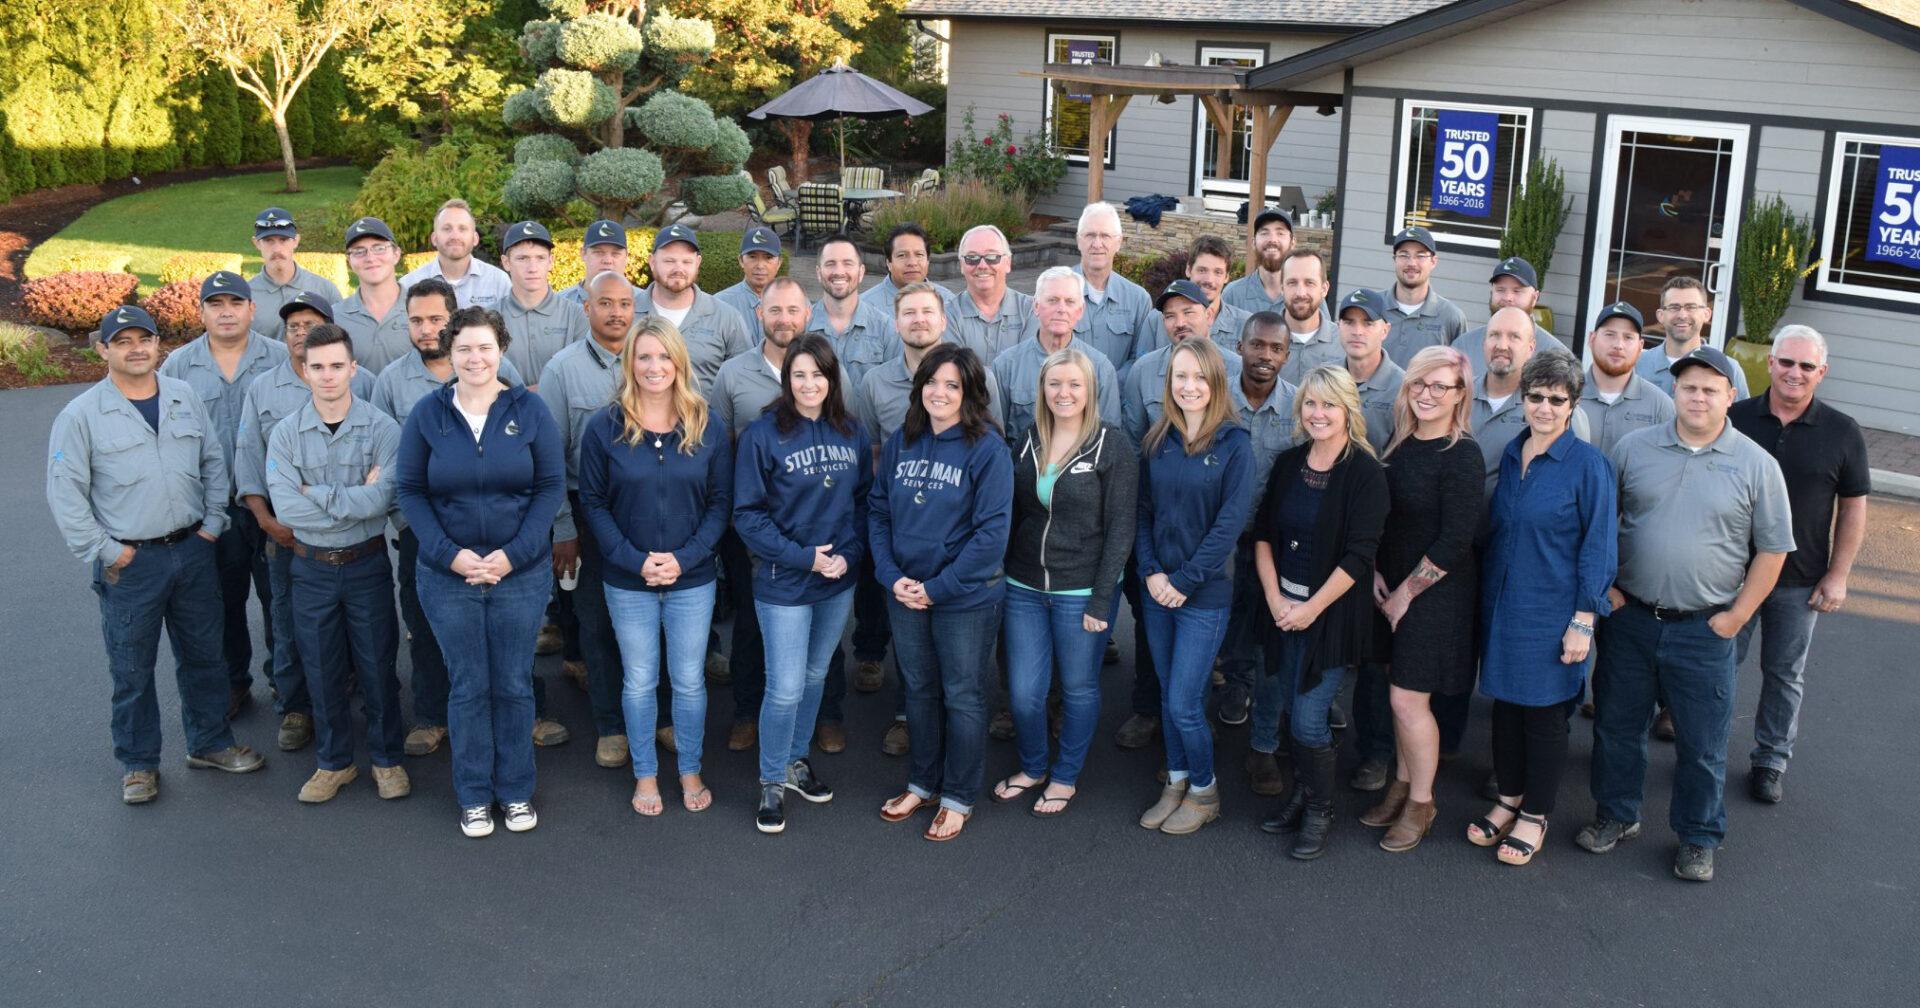 Stutzman Services group image